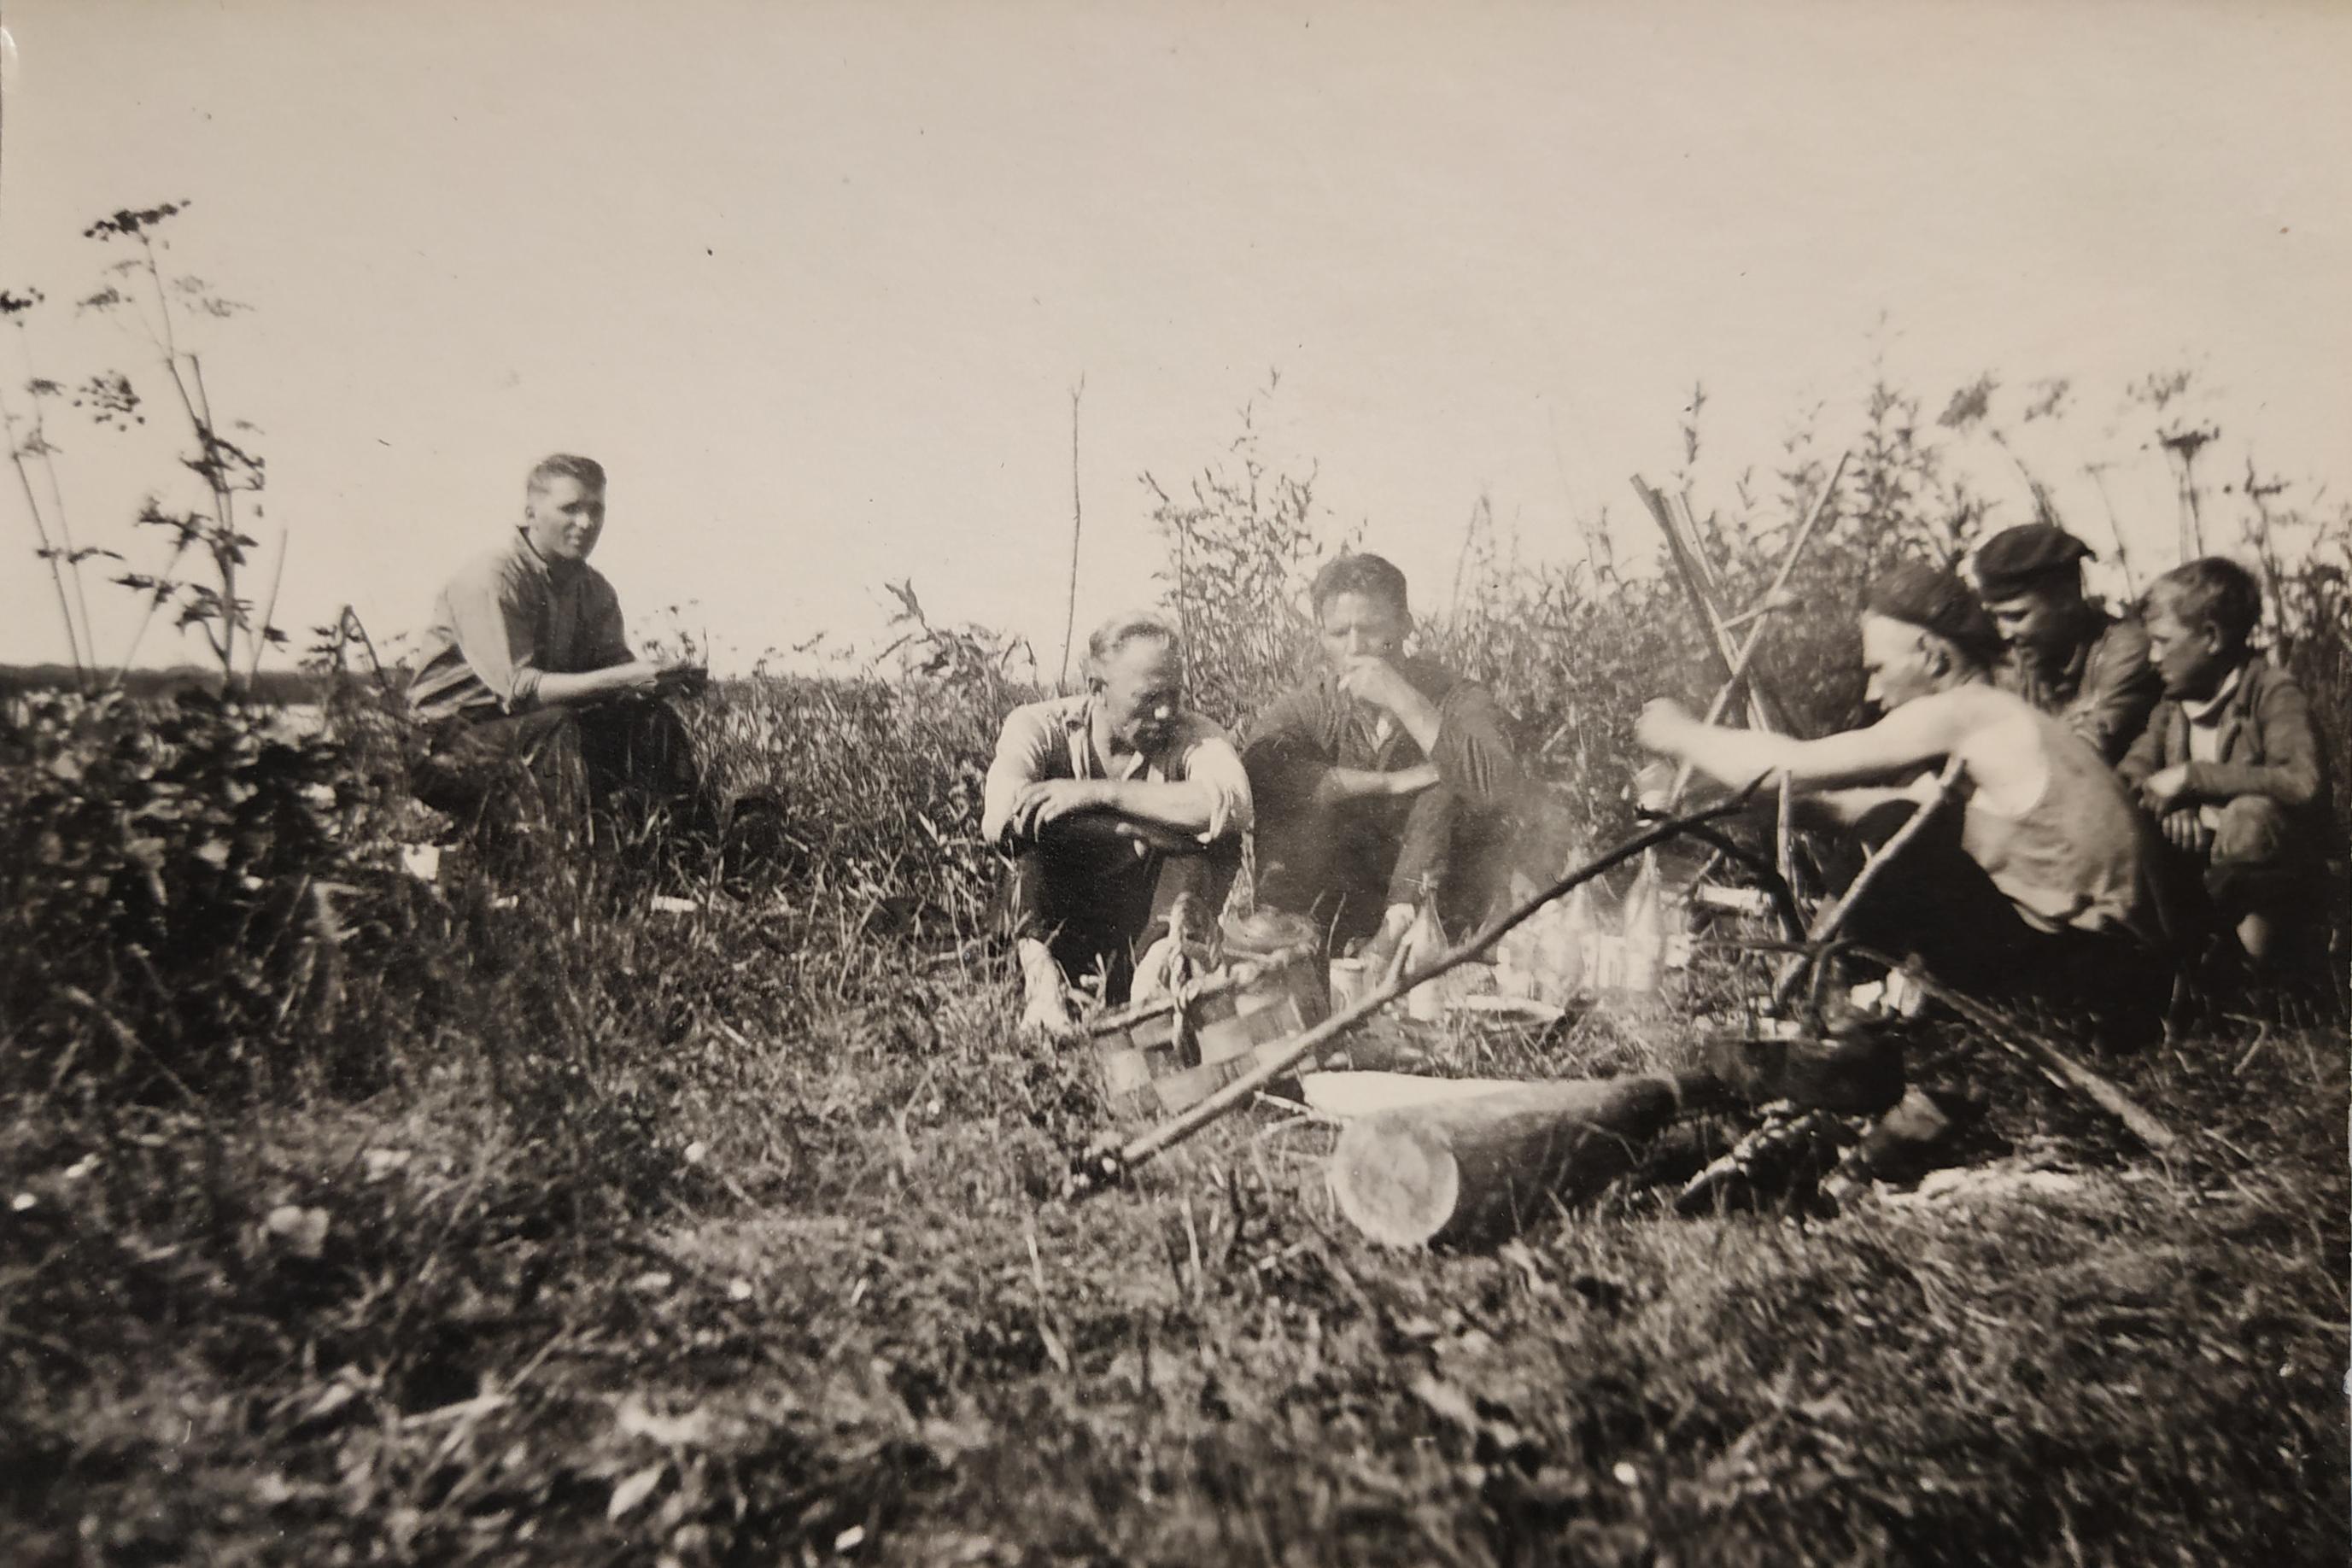 21 июня 1941 года. Борис Иванов — третий справа, в профиль